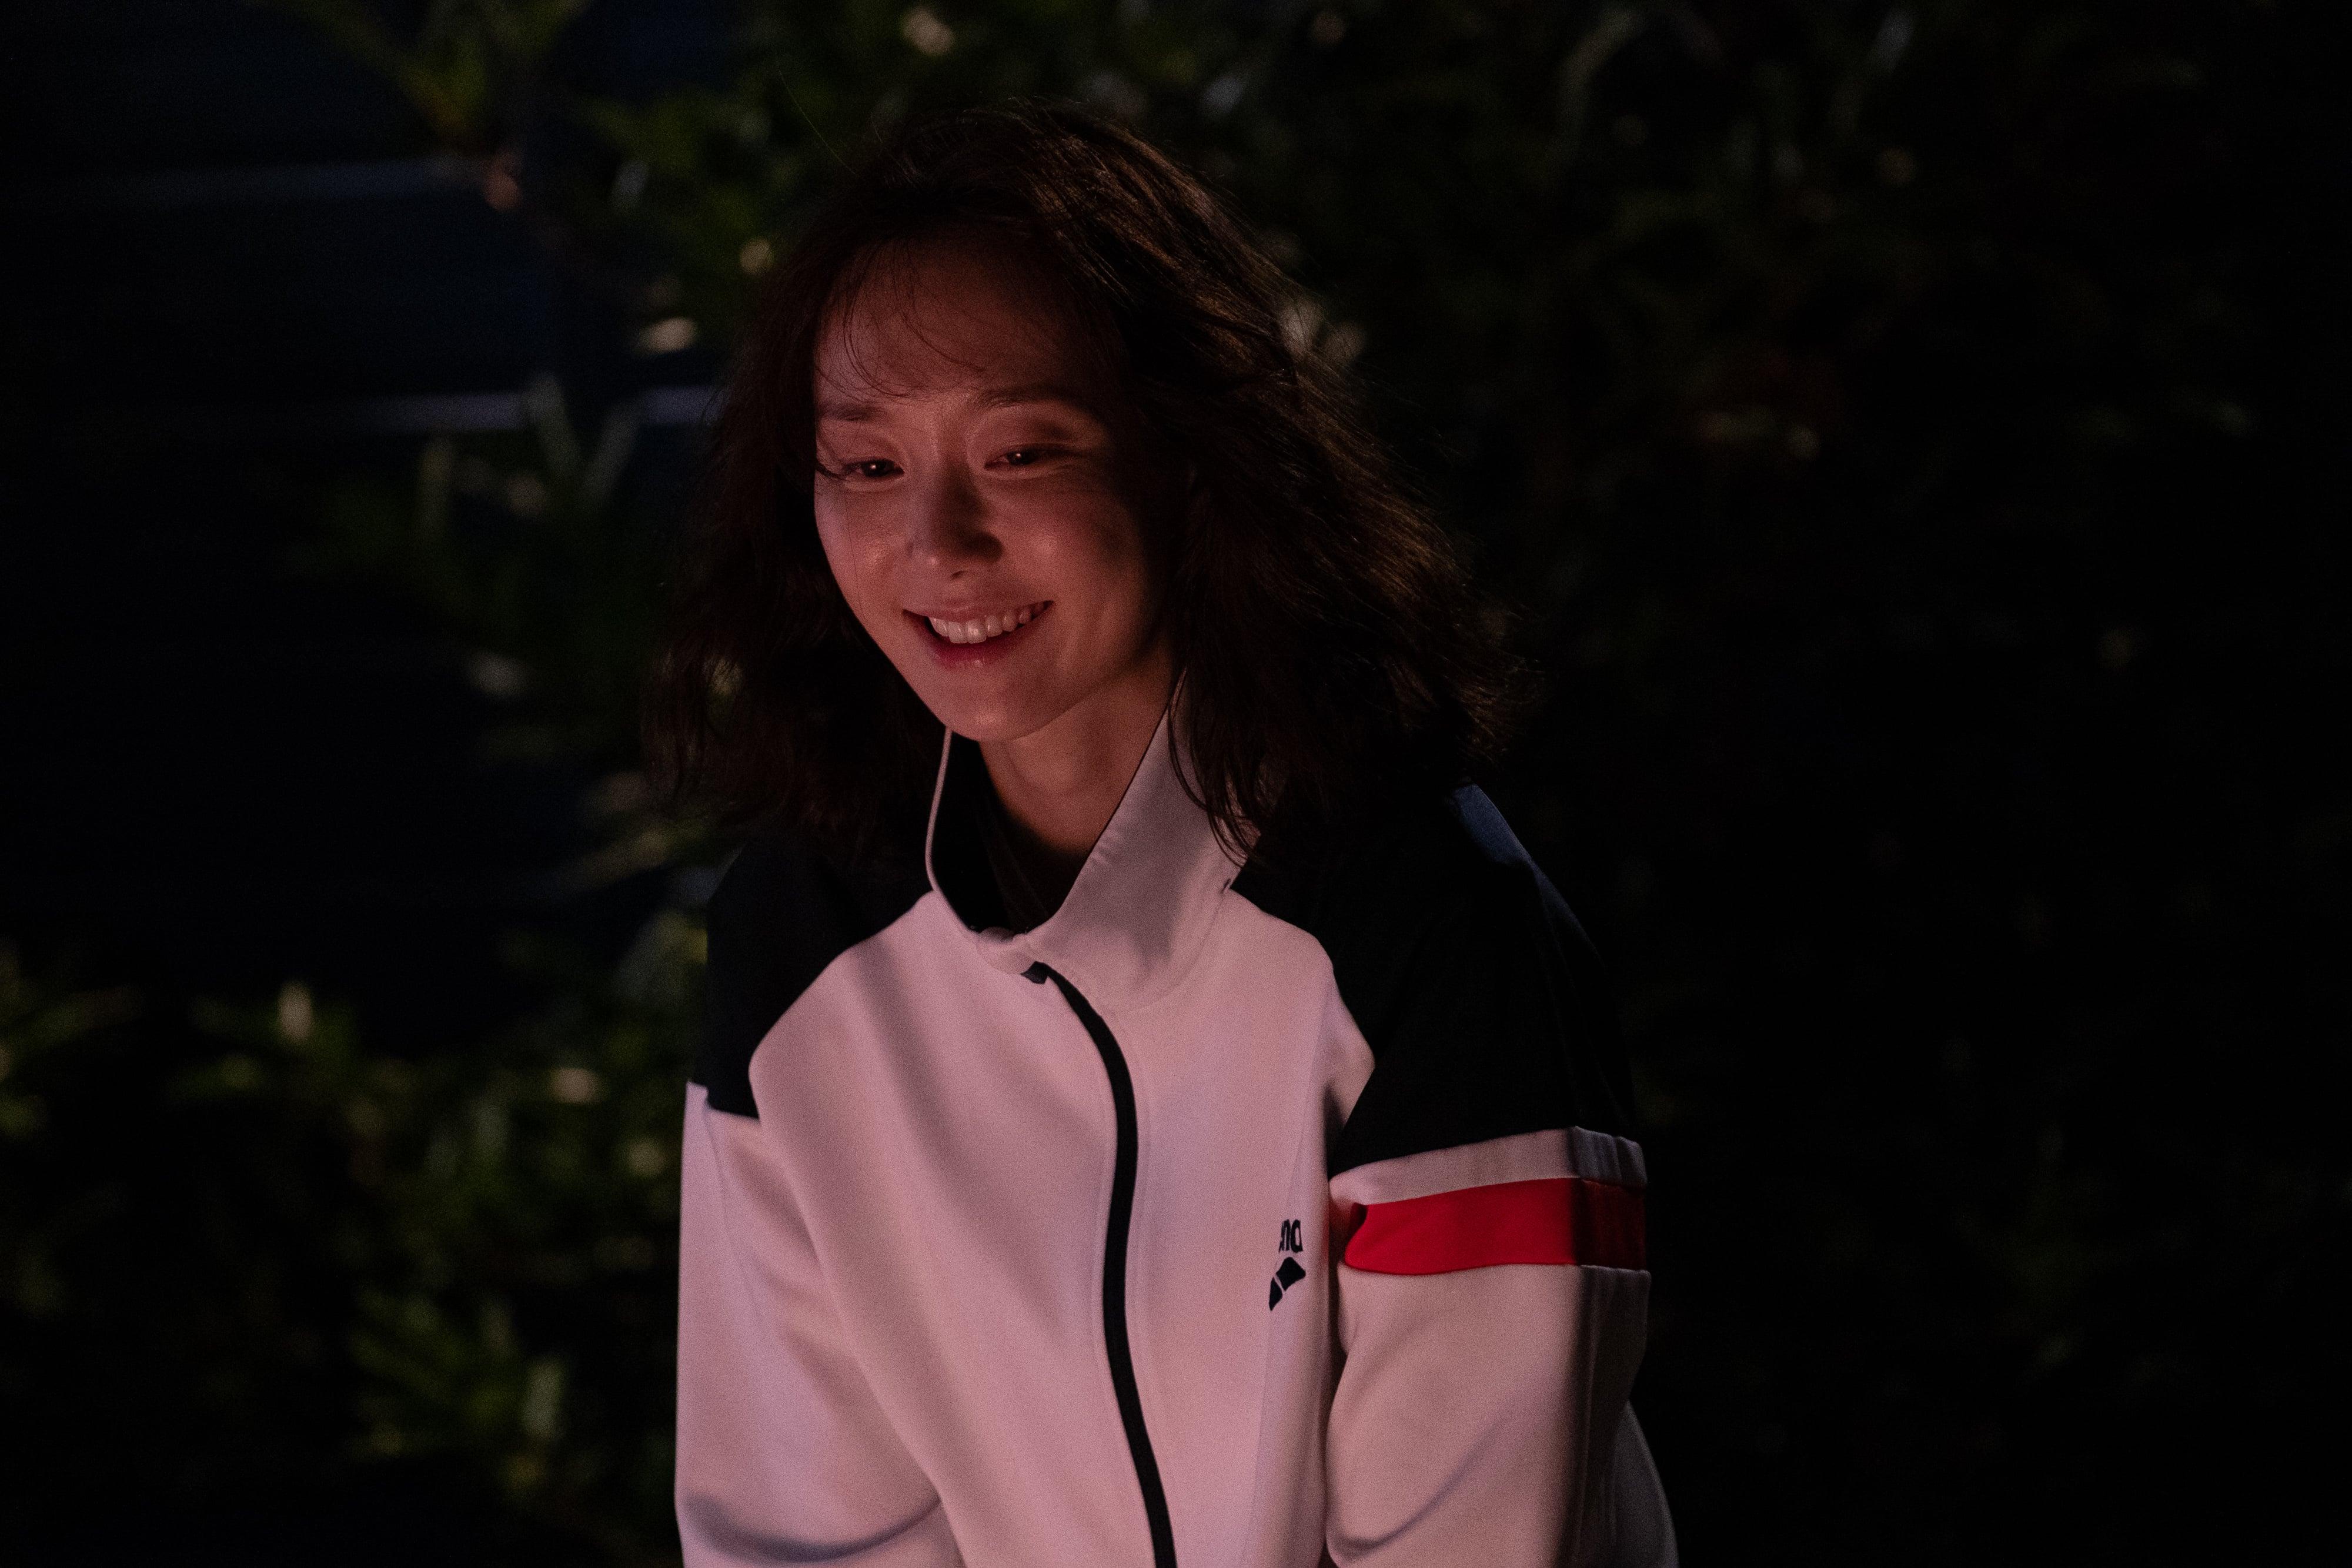 영화 '디바' 스틸. 사진 메가박스중앙(주)플러스엠